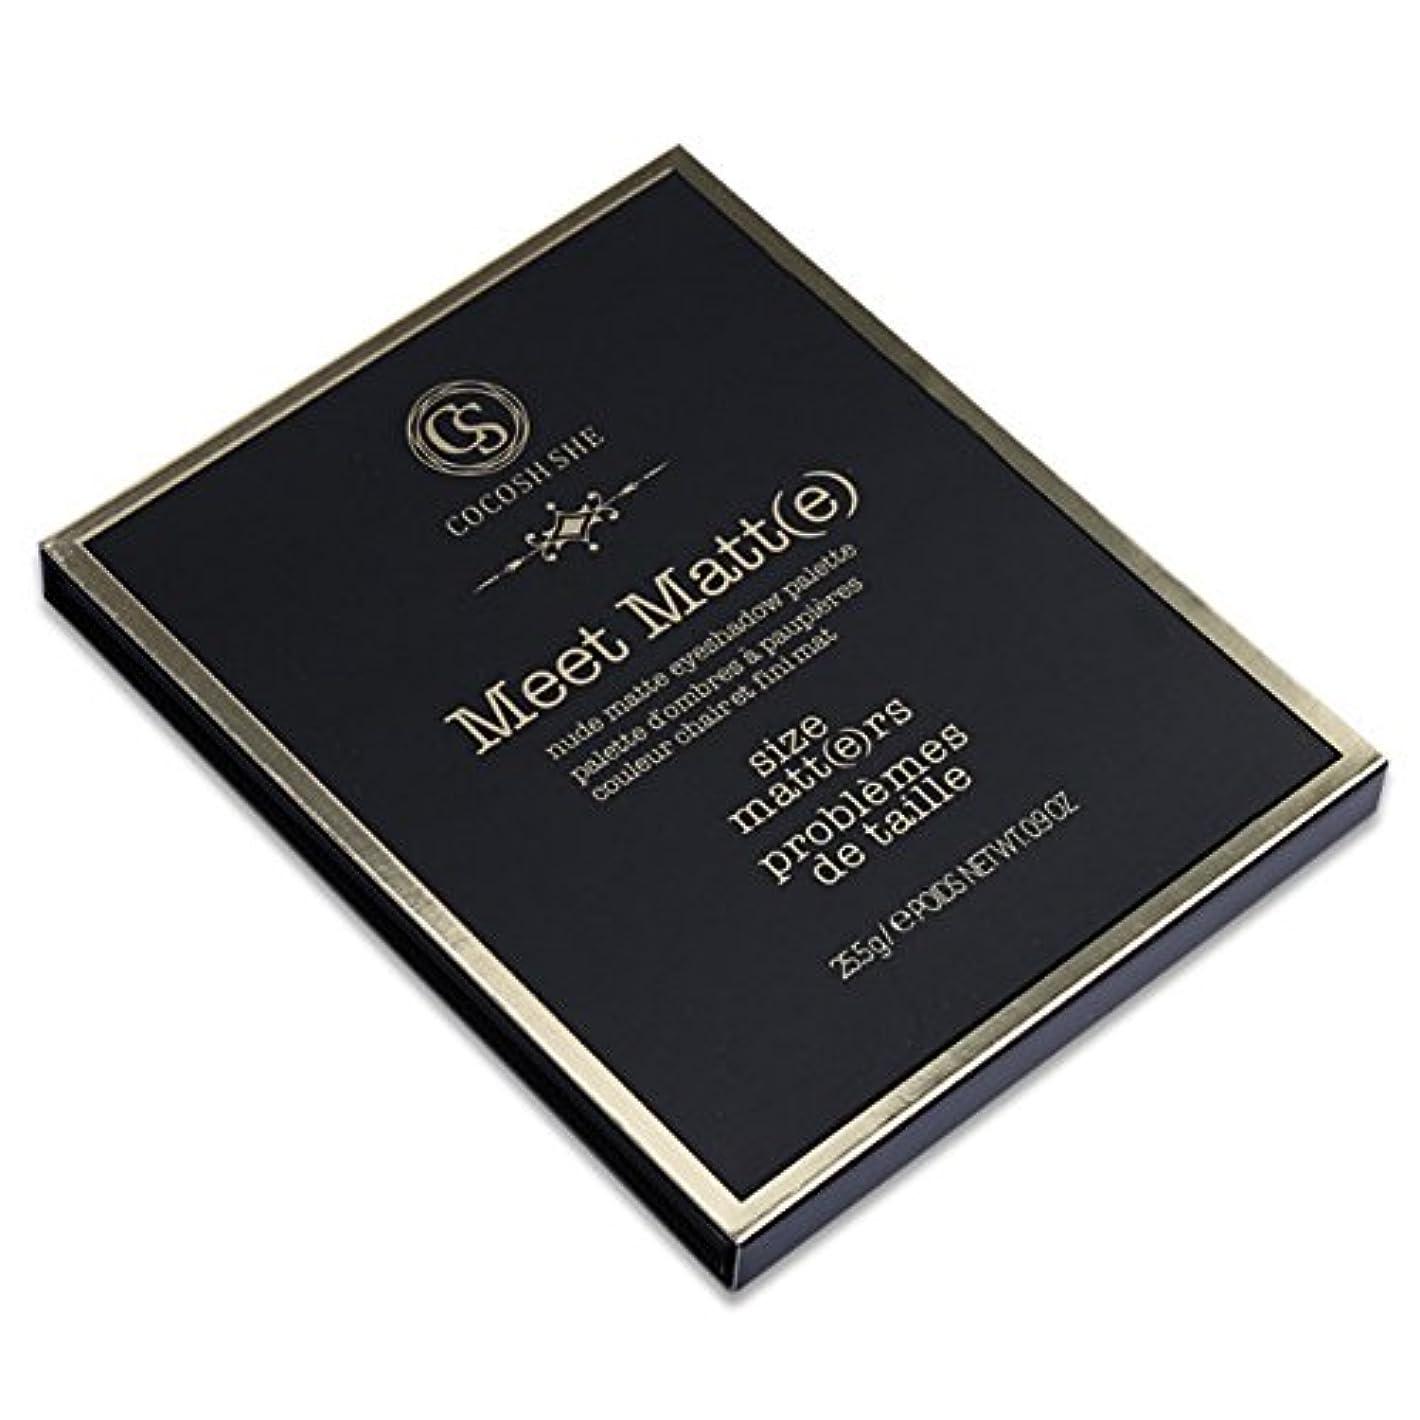 ソファー発明する立ち寄るアイシャドーパレット スムースマットアンダーグラウンドアイシャドーパレットアイズ顔料粉末化粧品(970)